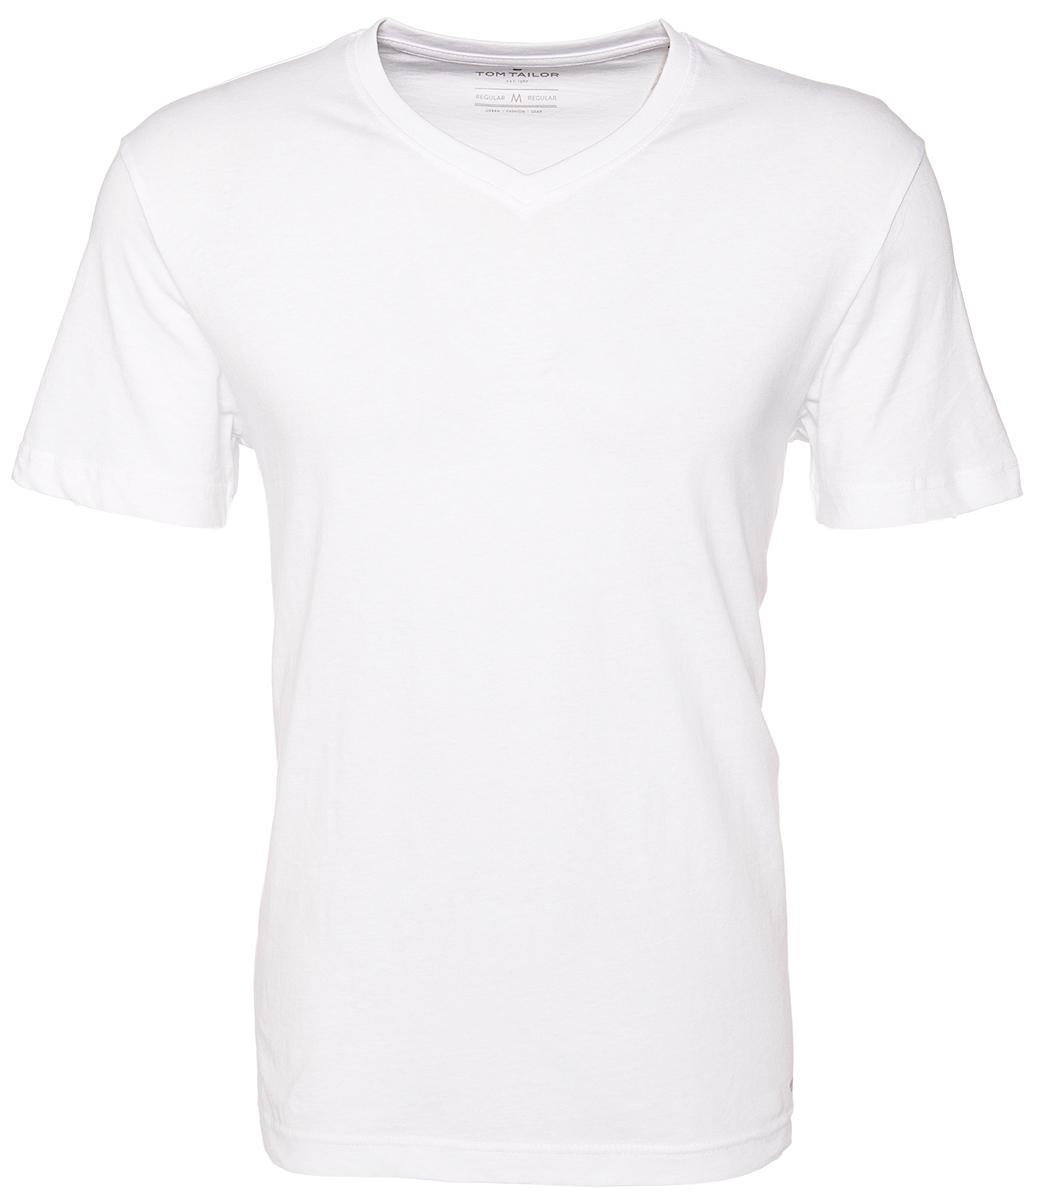 Футболка мужская Tom Tailor, цвет: белый, 2 шт. 1028703.09.10. Размер XL (52)1028703.09.10Мужская футболка от Tom Tailor выполнена из натурального хлопка. Модель с короткими рукавами и V-образным вырезом горловины.В комплект входят 2 футболки.